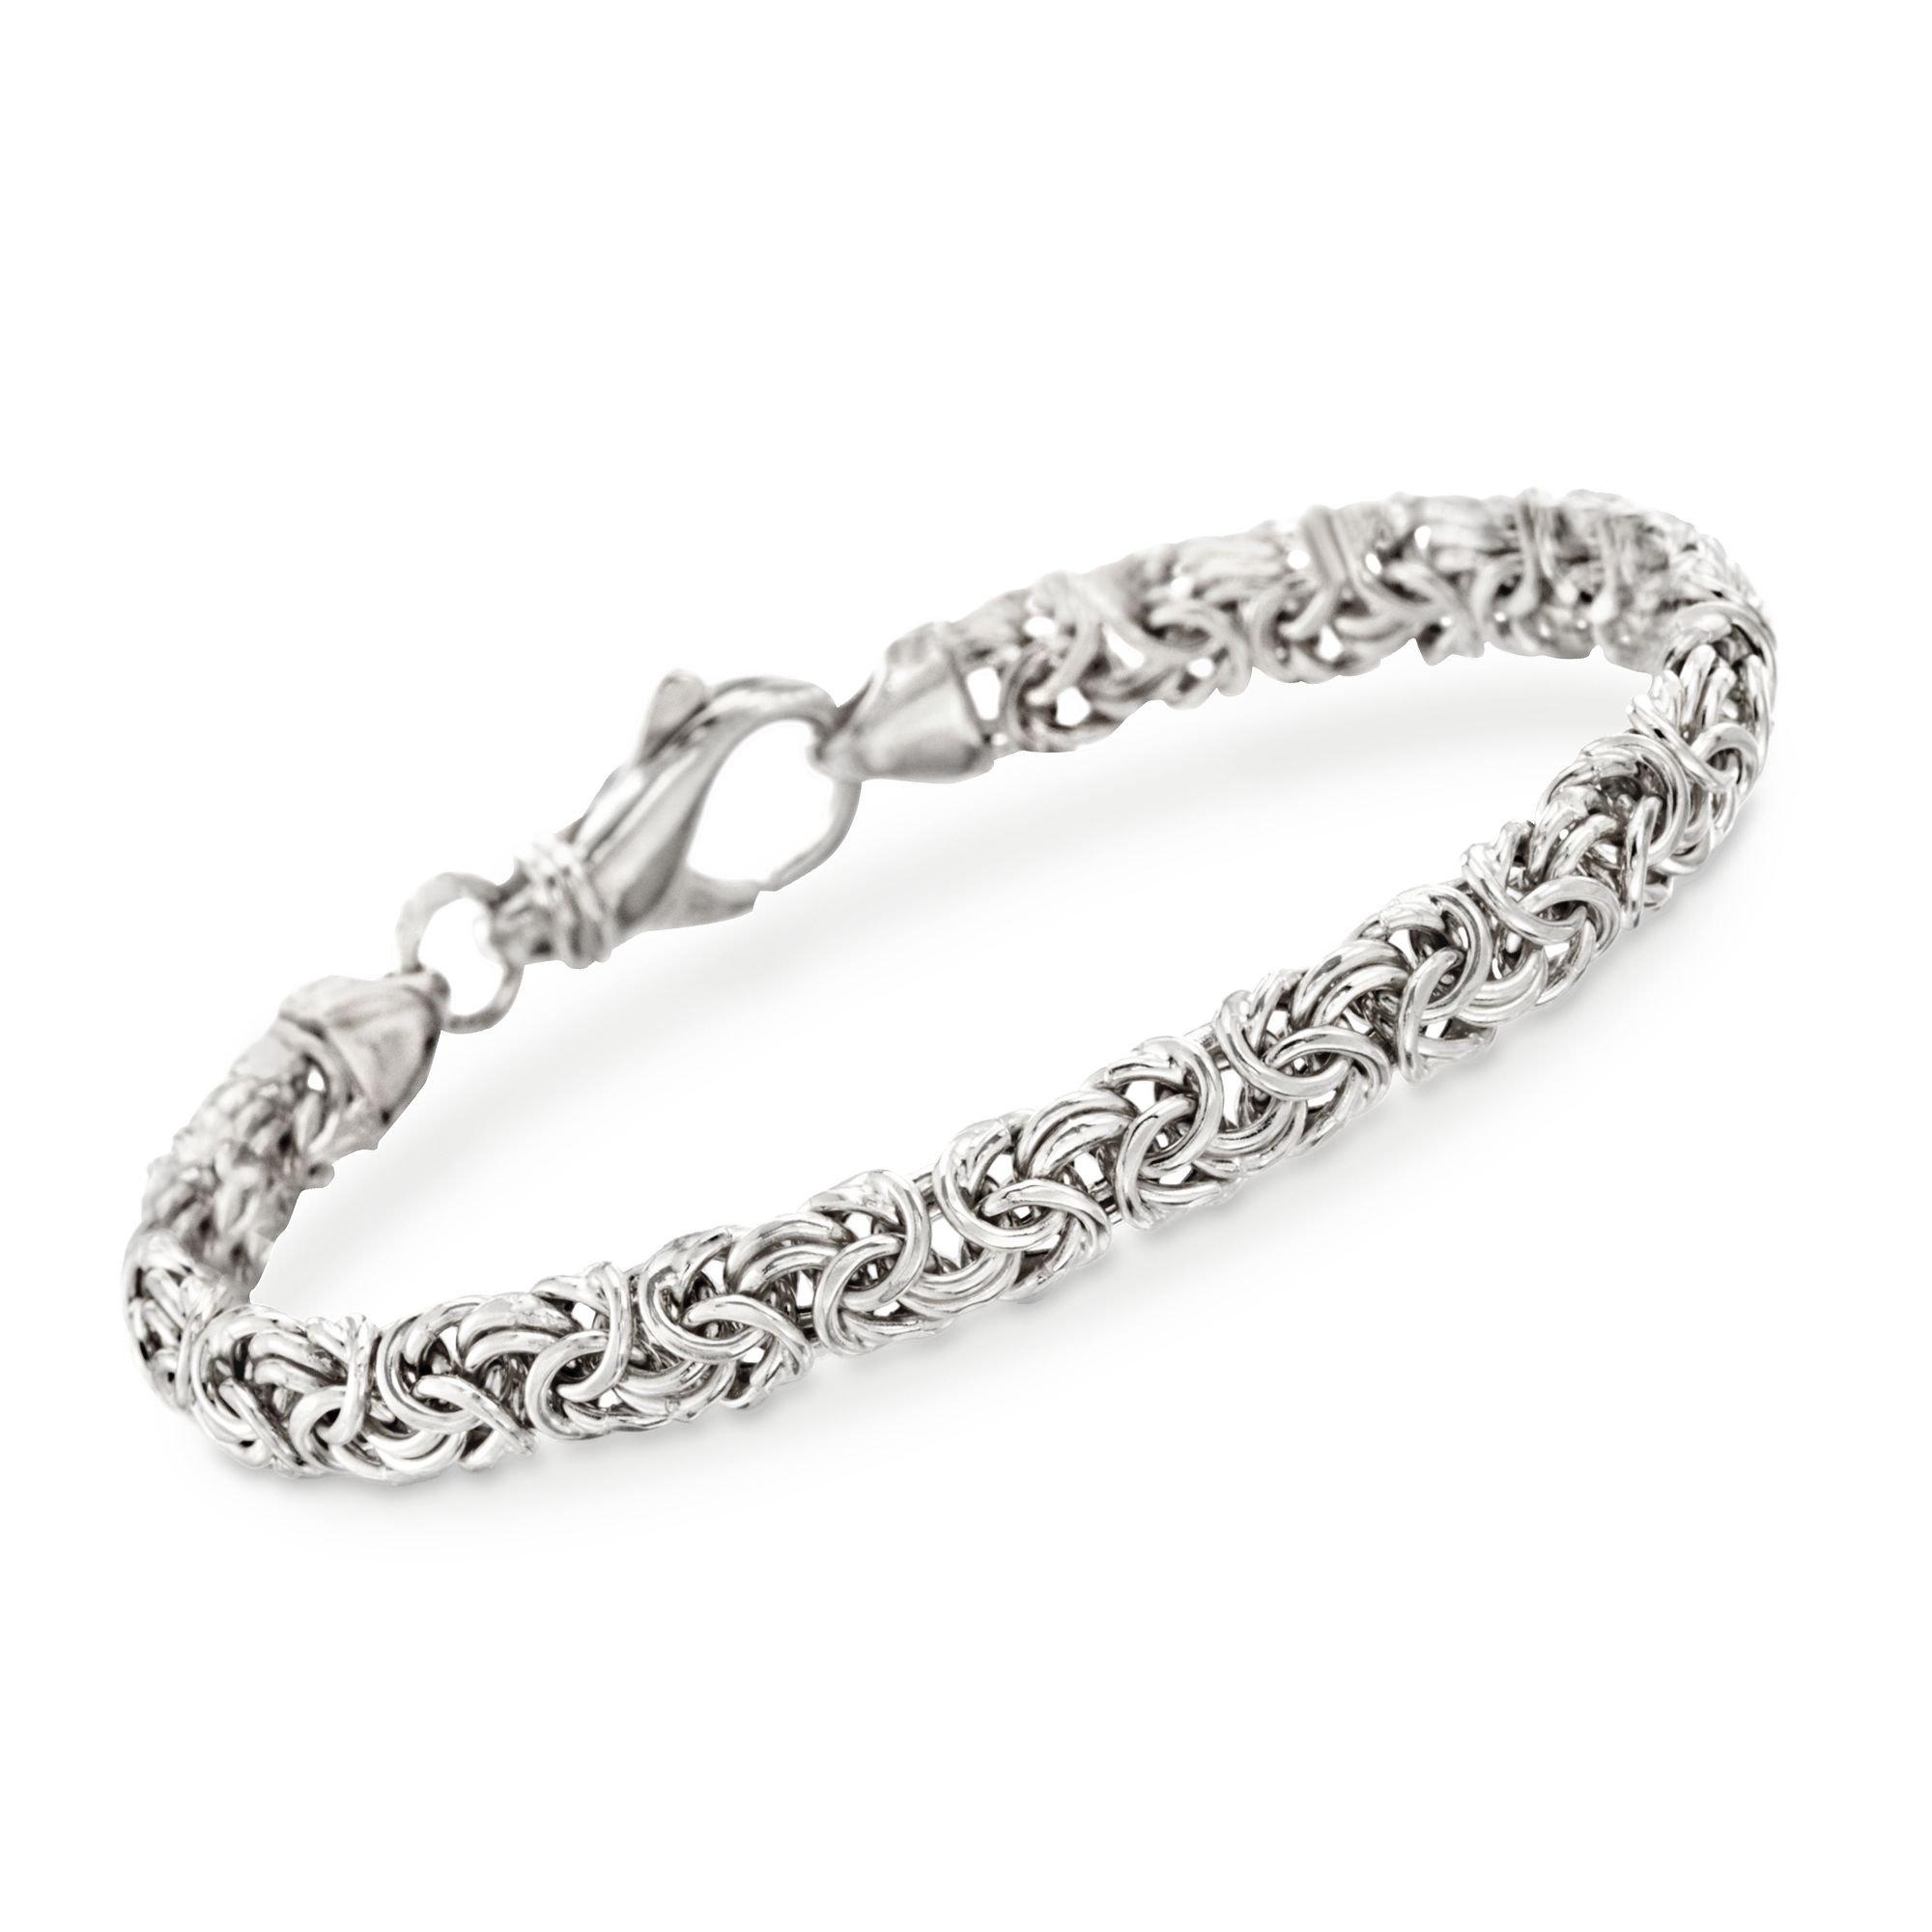 Ross-Simons Sterling Silver Small Byzantine Bracelet